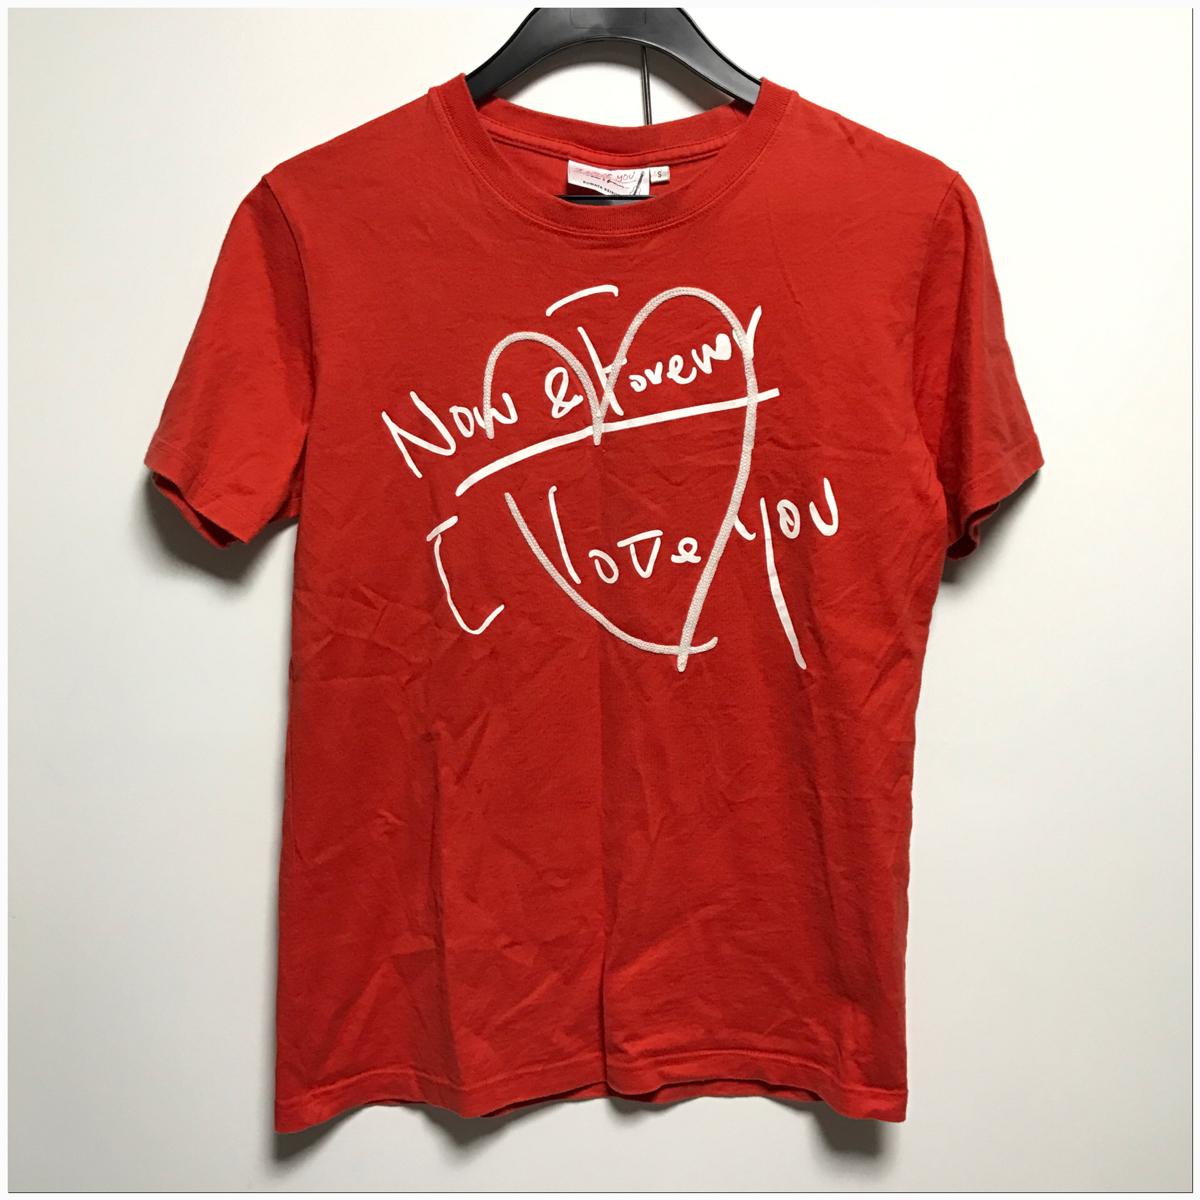 桑田佳祐 2012 Tシャツ I LOVE YOU now&forever 【S】 サザンオールスターズ